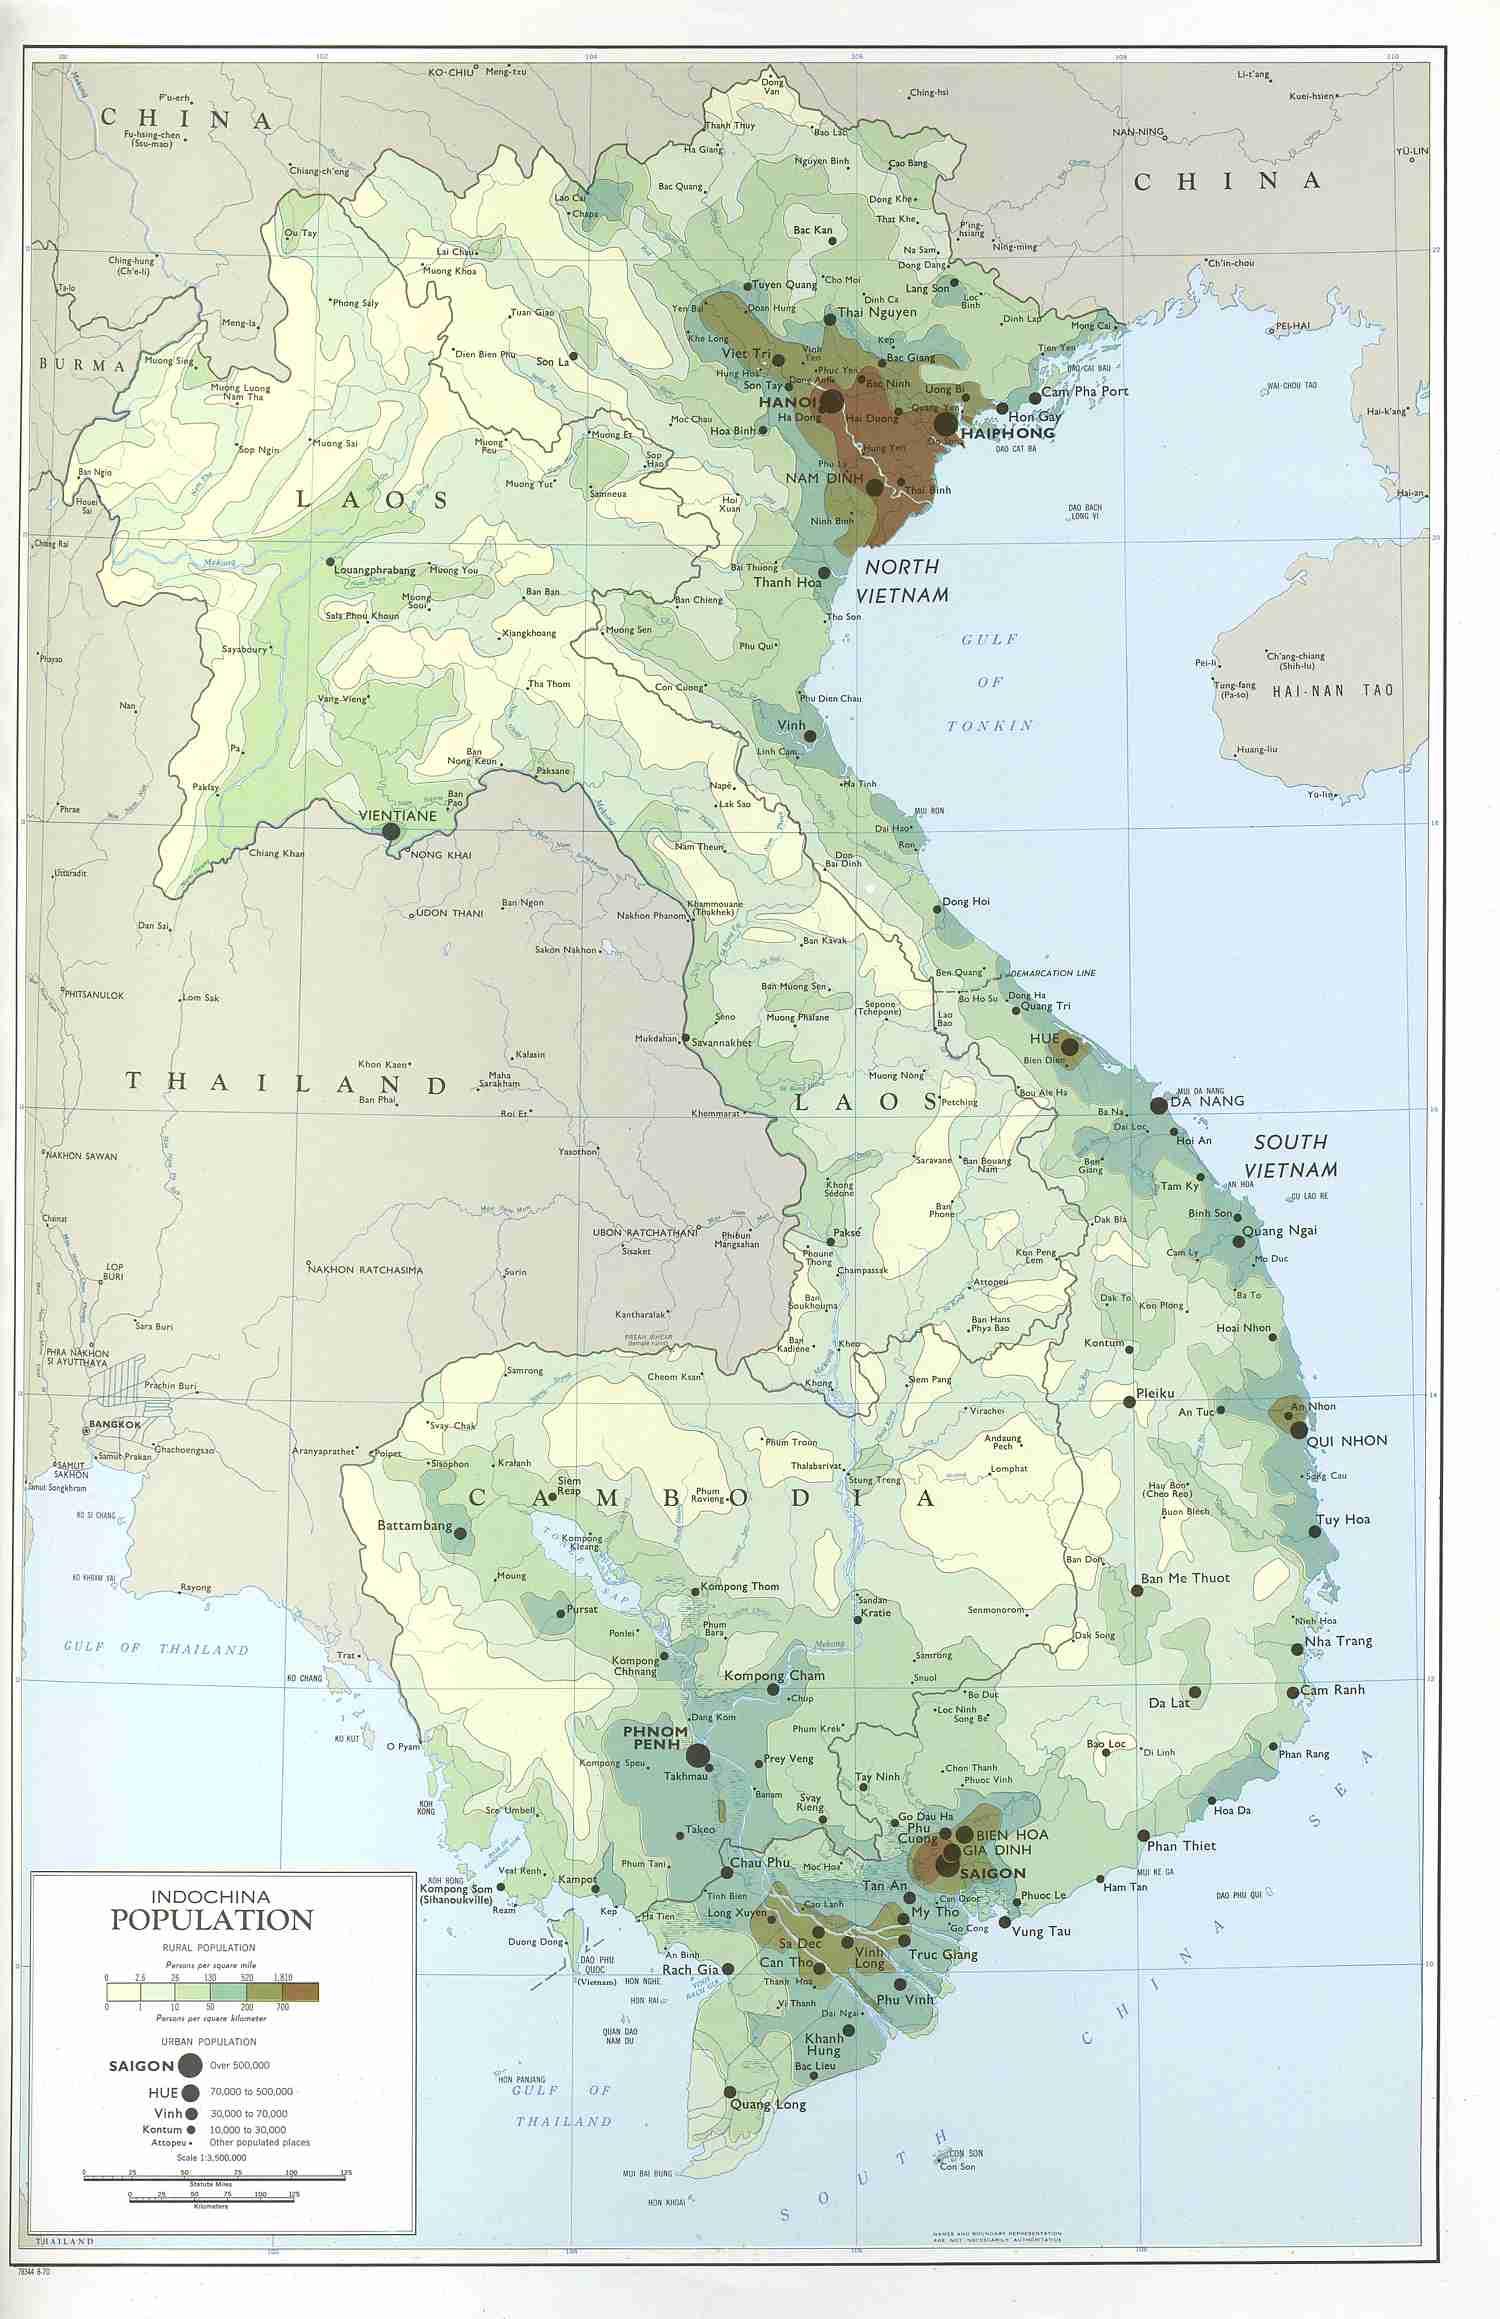 Mountains In Vietnam Map.Viet Map 3 Vietnam War An Khe Hon Cong Mountain